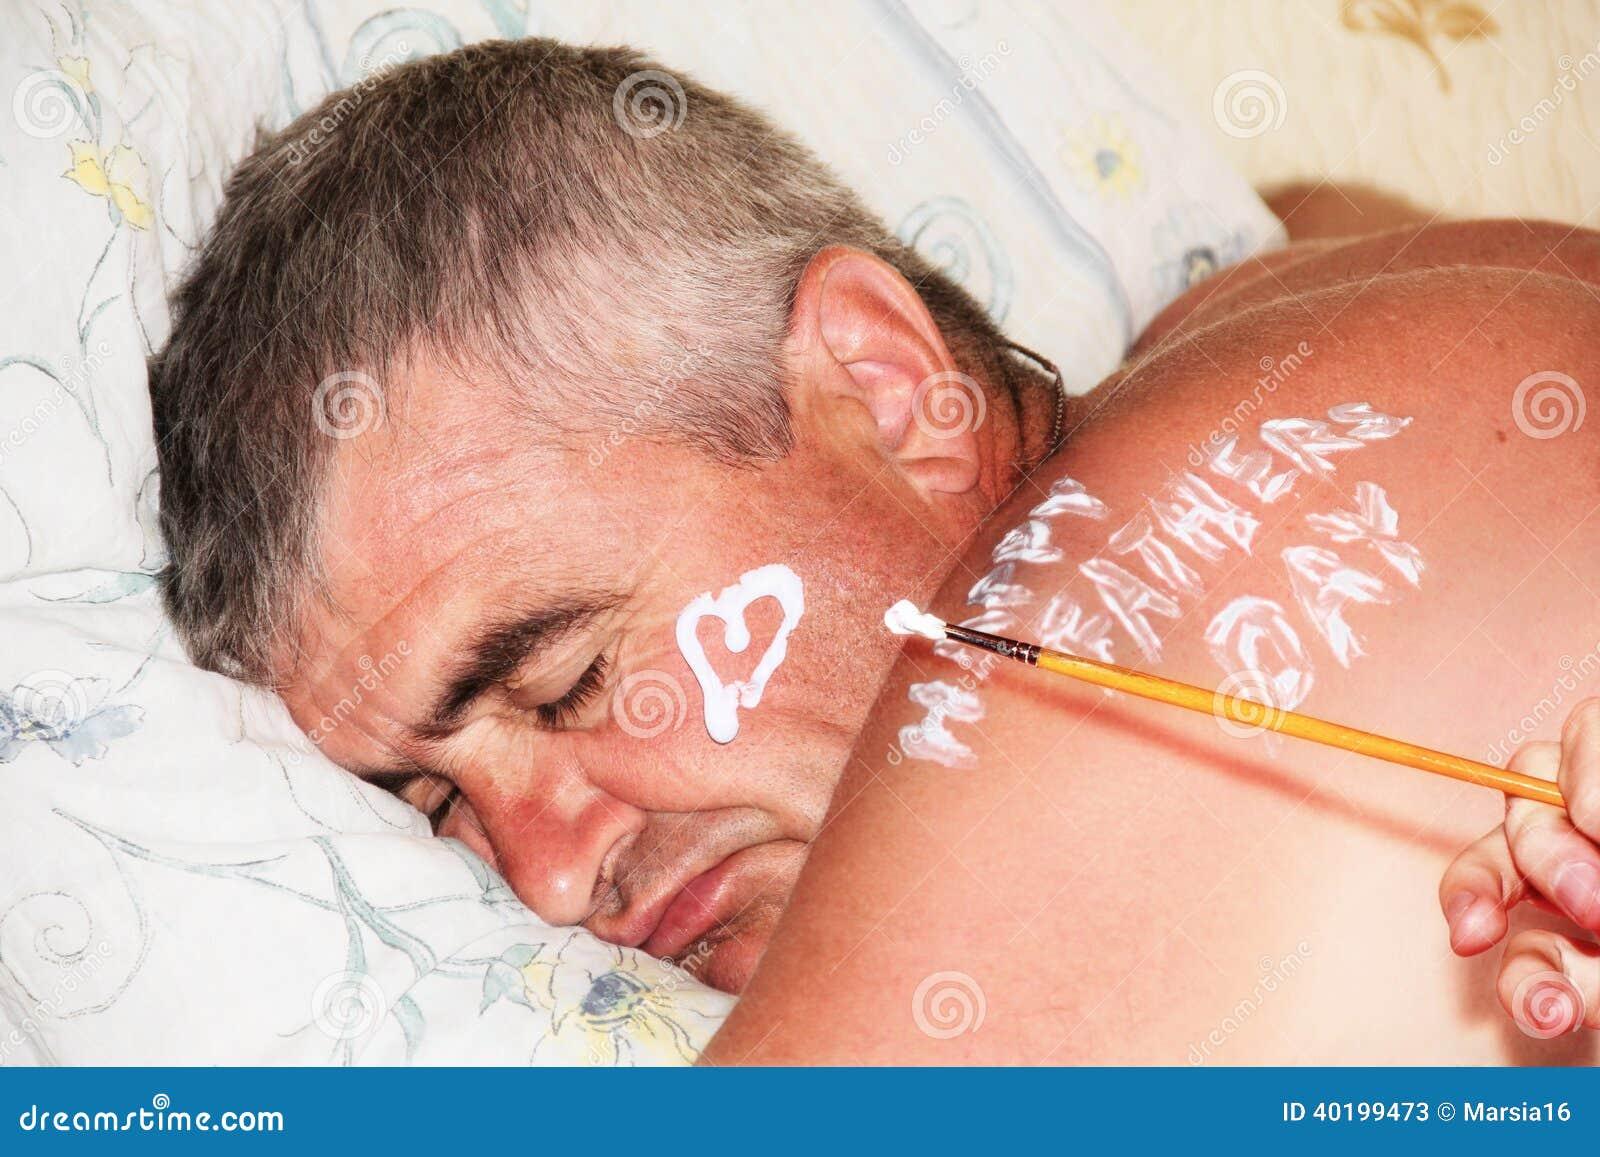 Padre Sleeping. Corazón del dibujo del niño.